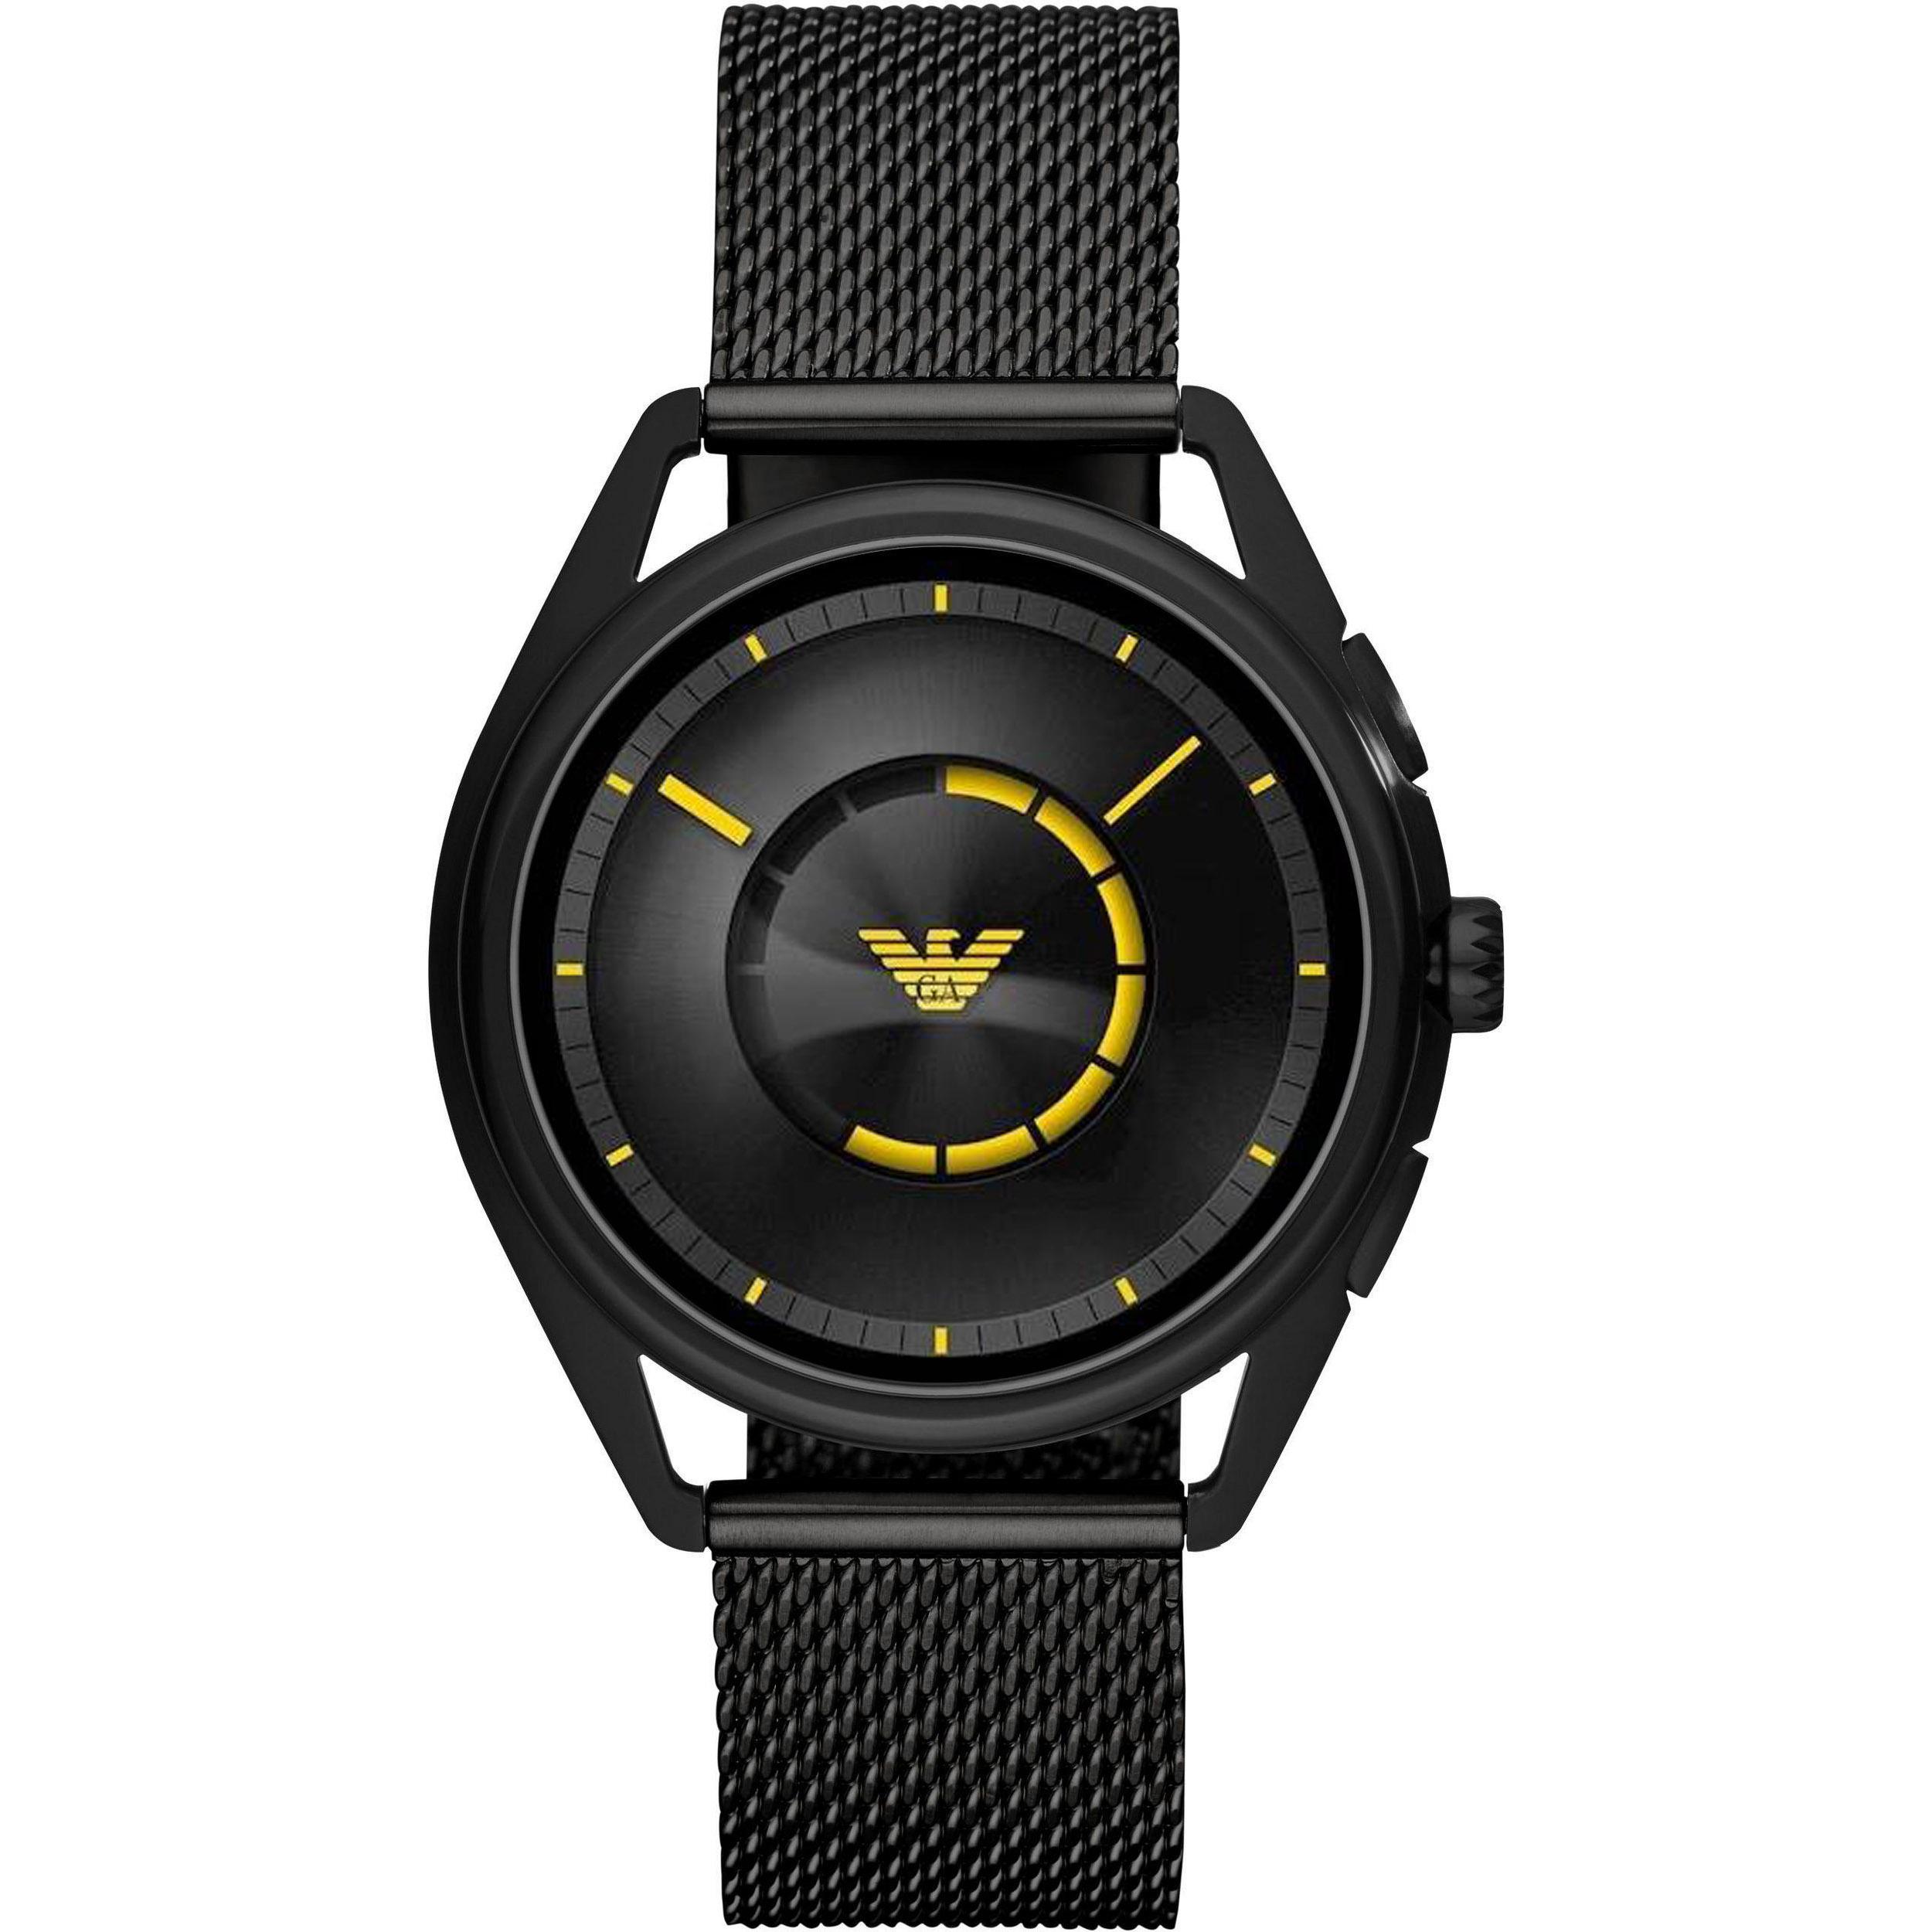 ساعت هوشمند امپریو ارمانی مدل 5019